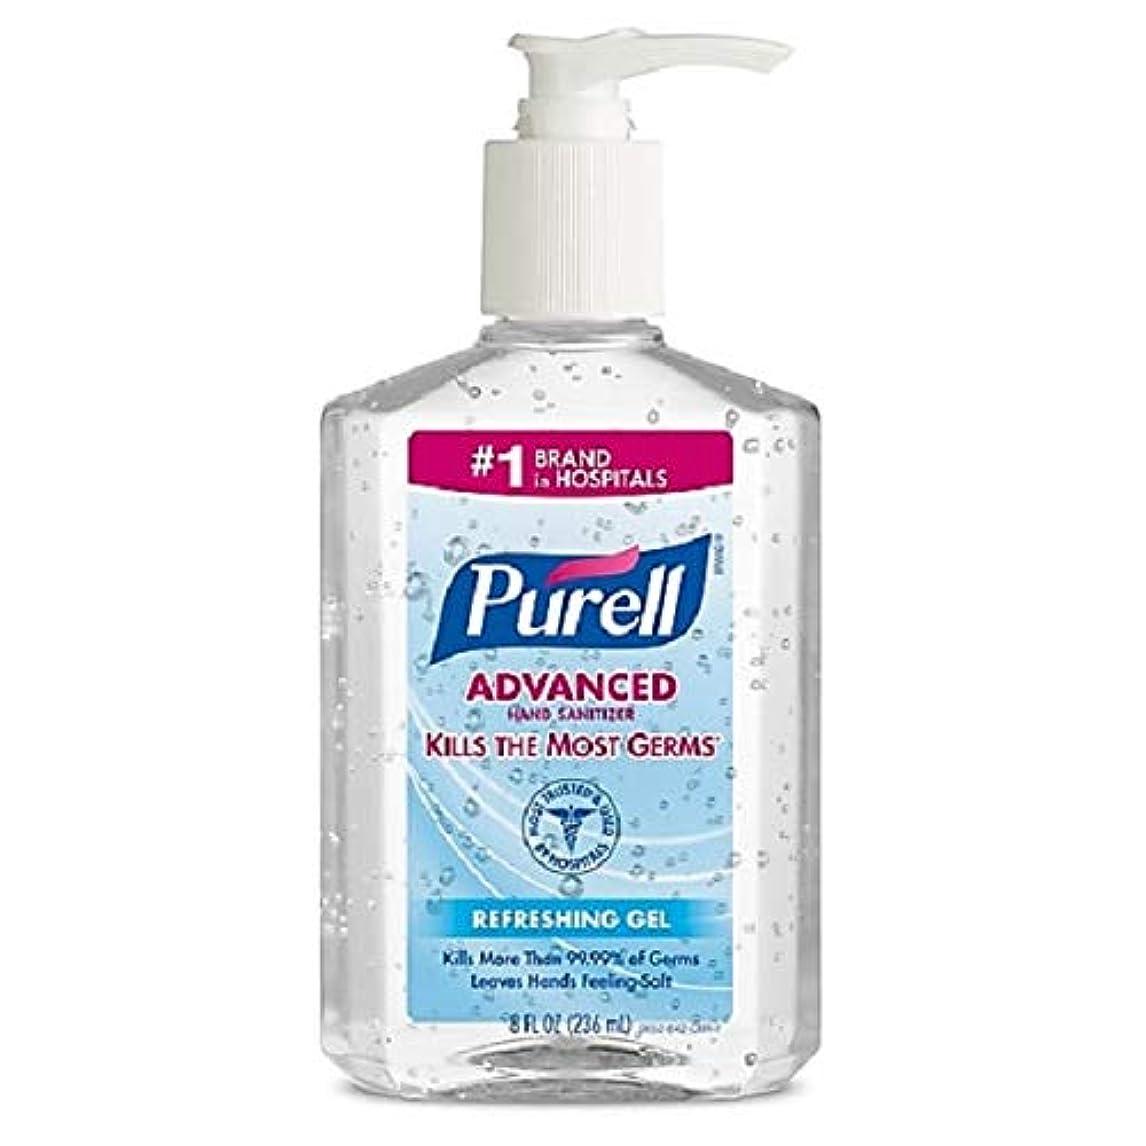 心のこもった売上高安心させるPurell Advanced Hand Sanitizer Refreshing Gel, 8 Ounce by Purell